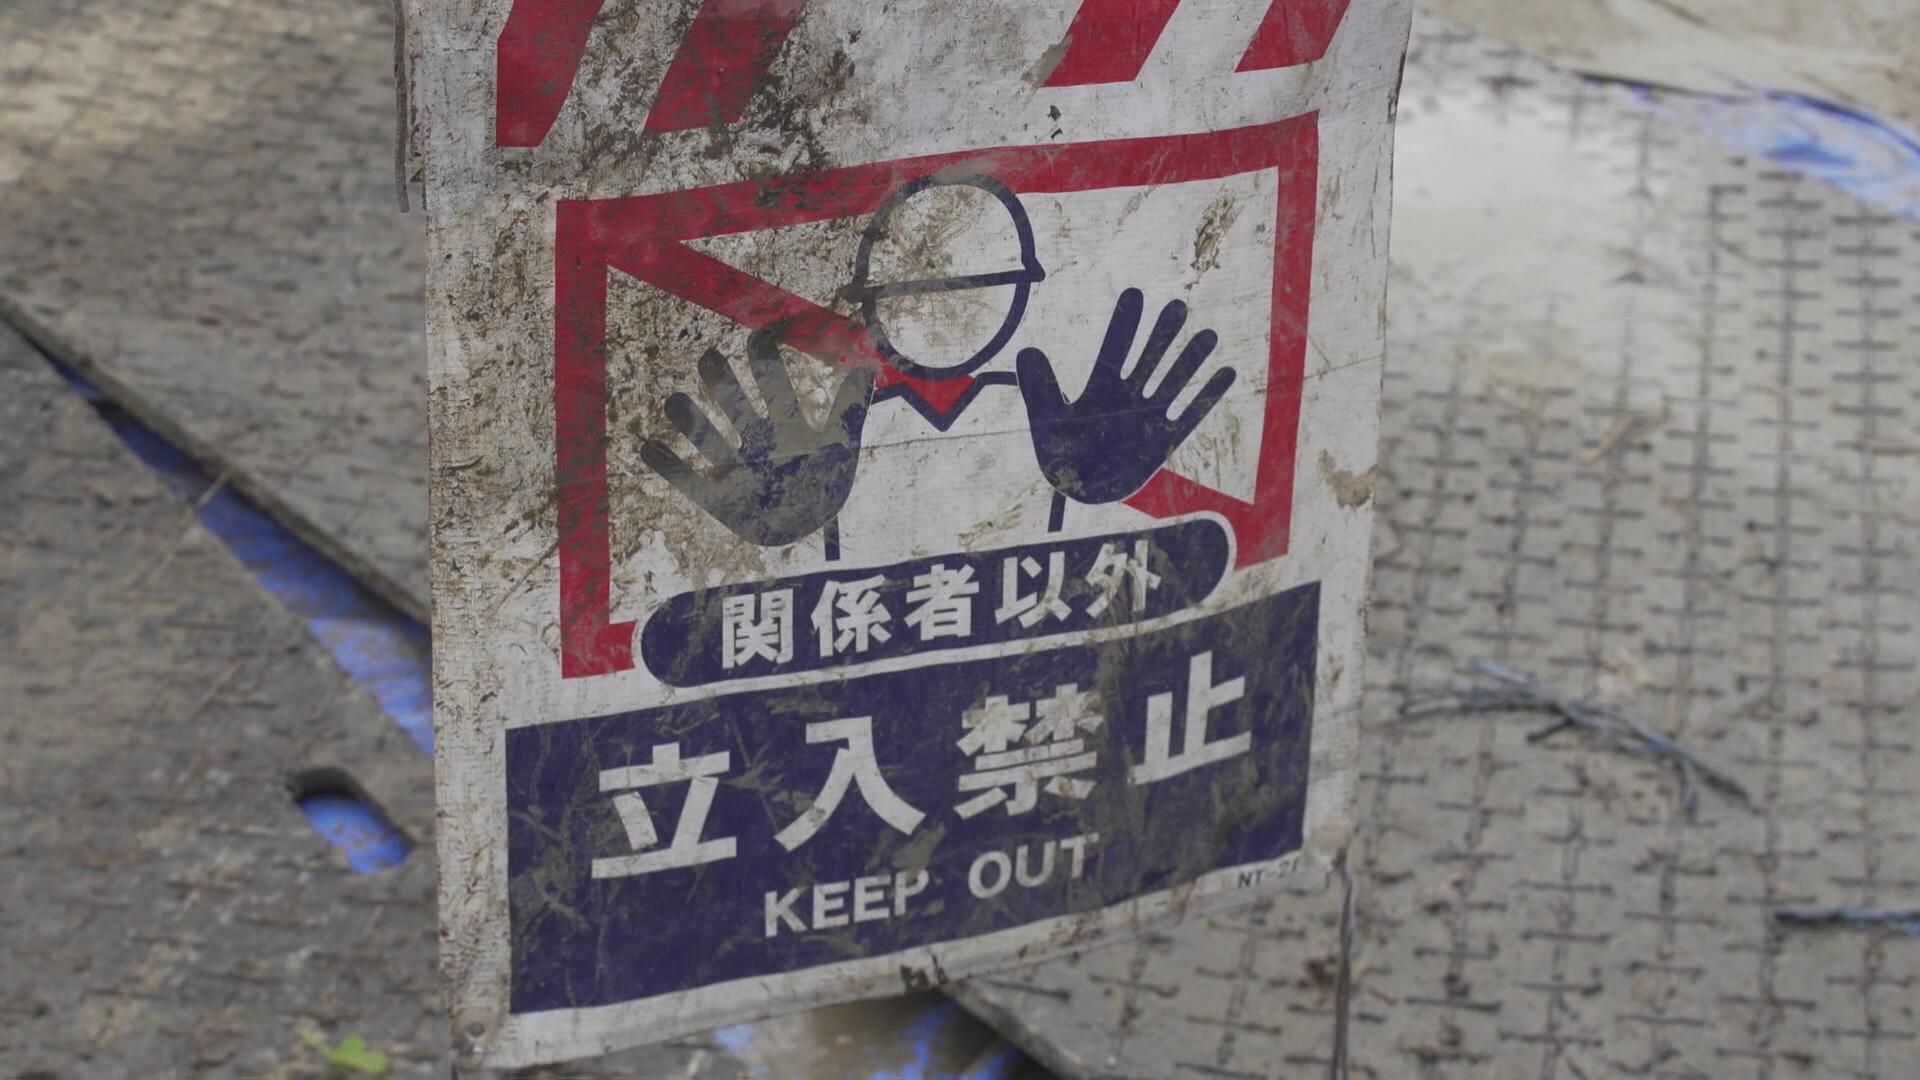 '최악의 재앙' 후쿠시마 vs 체르노빌…정부 대응은 완전히 달라